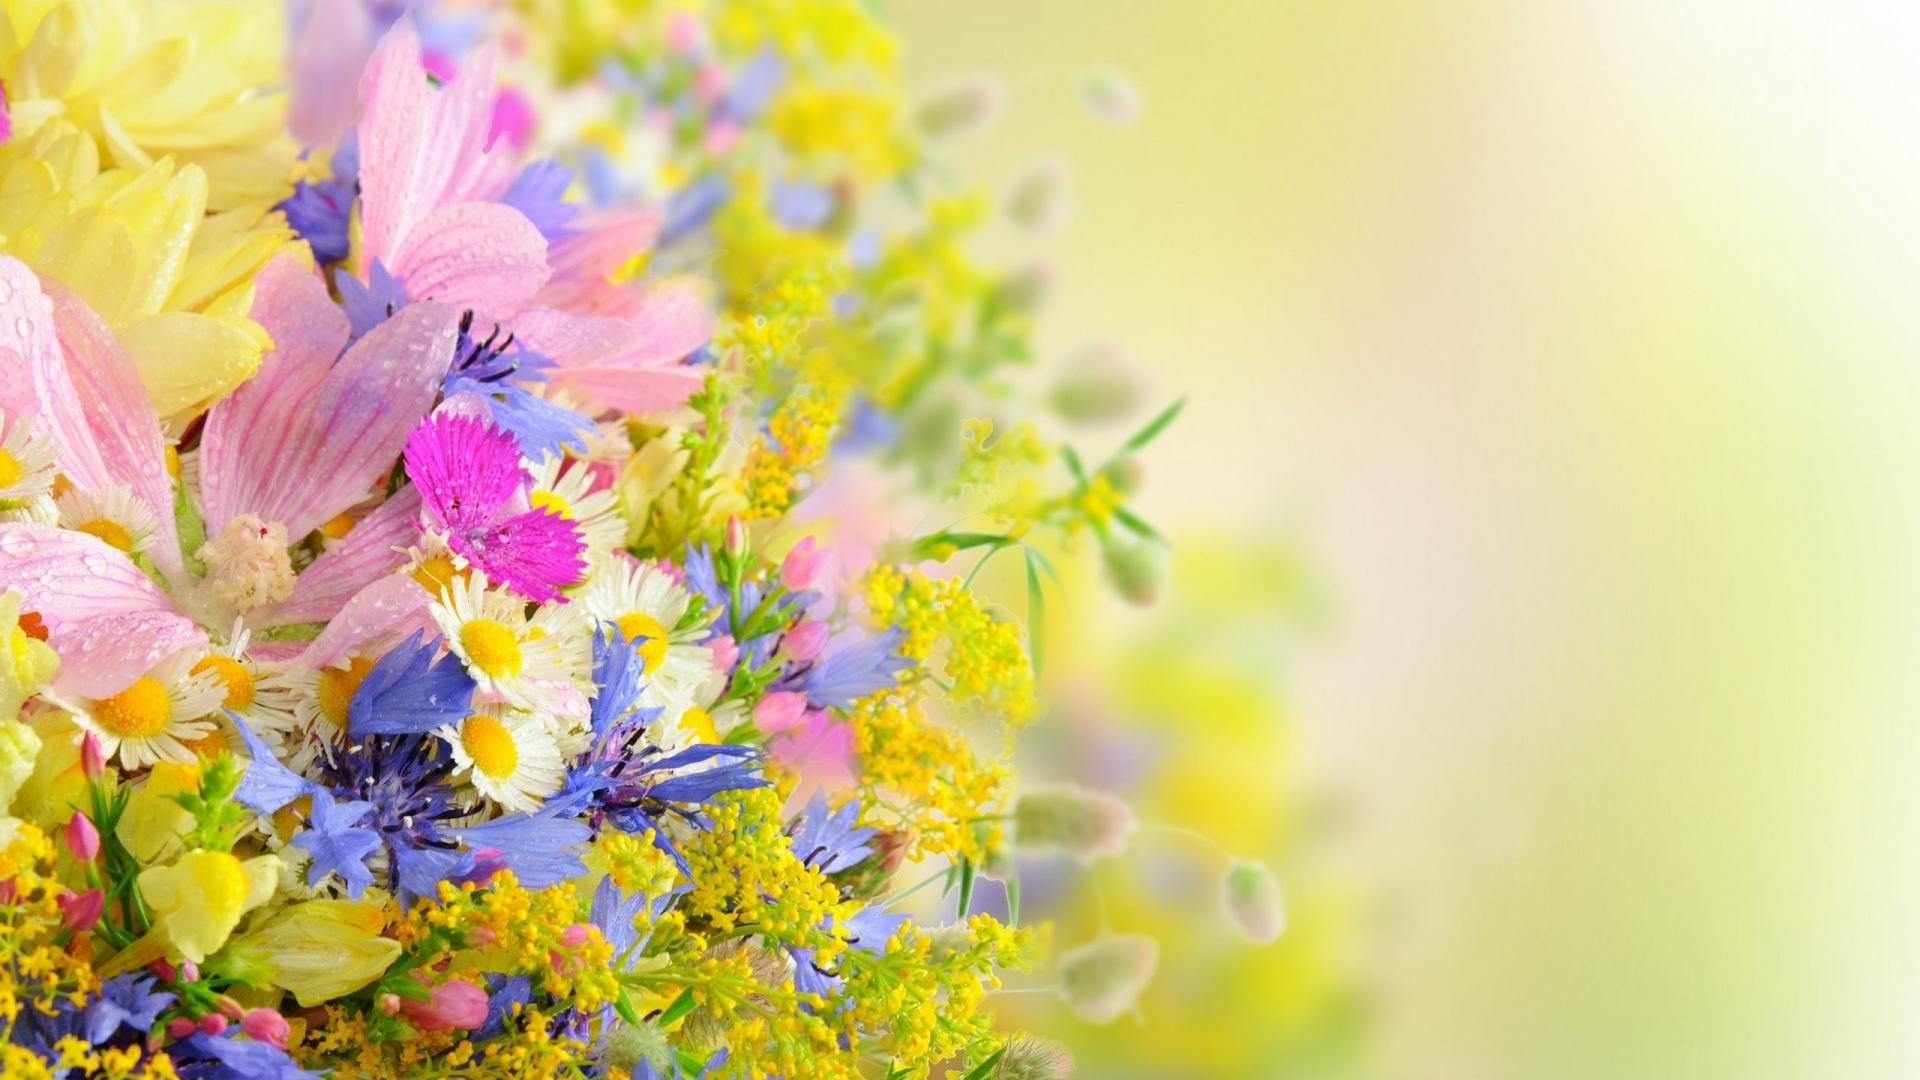 بالصور صور خلفيات ورد , اجمل الخلفيات الوردية الرائعه 4303 1